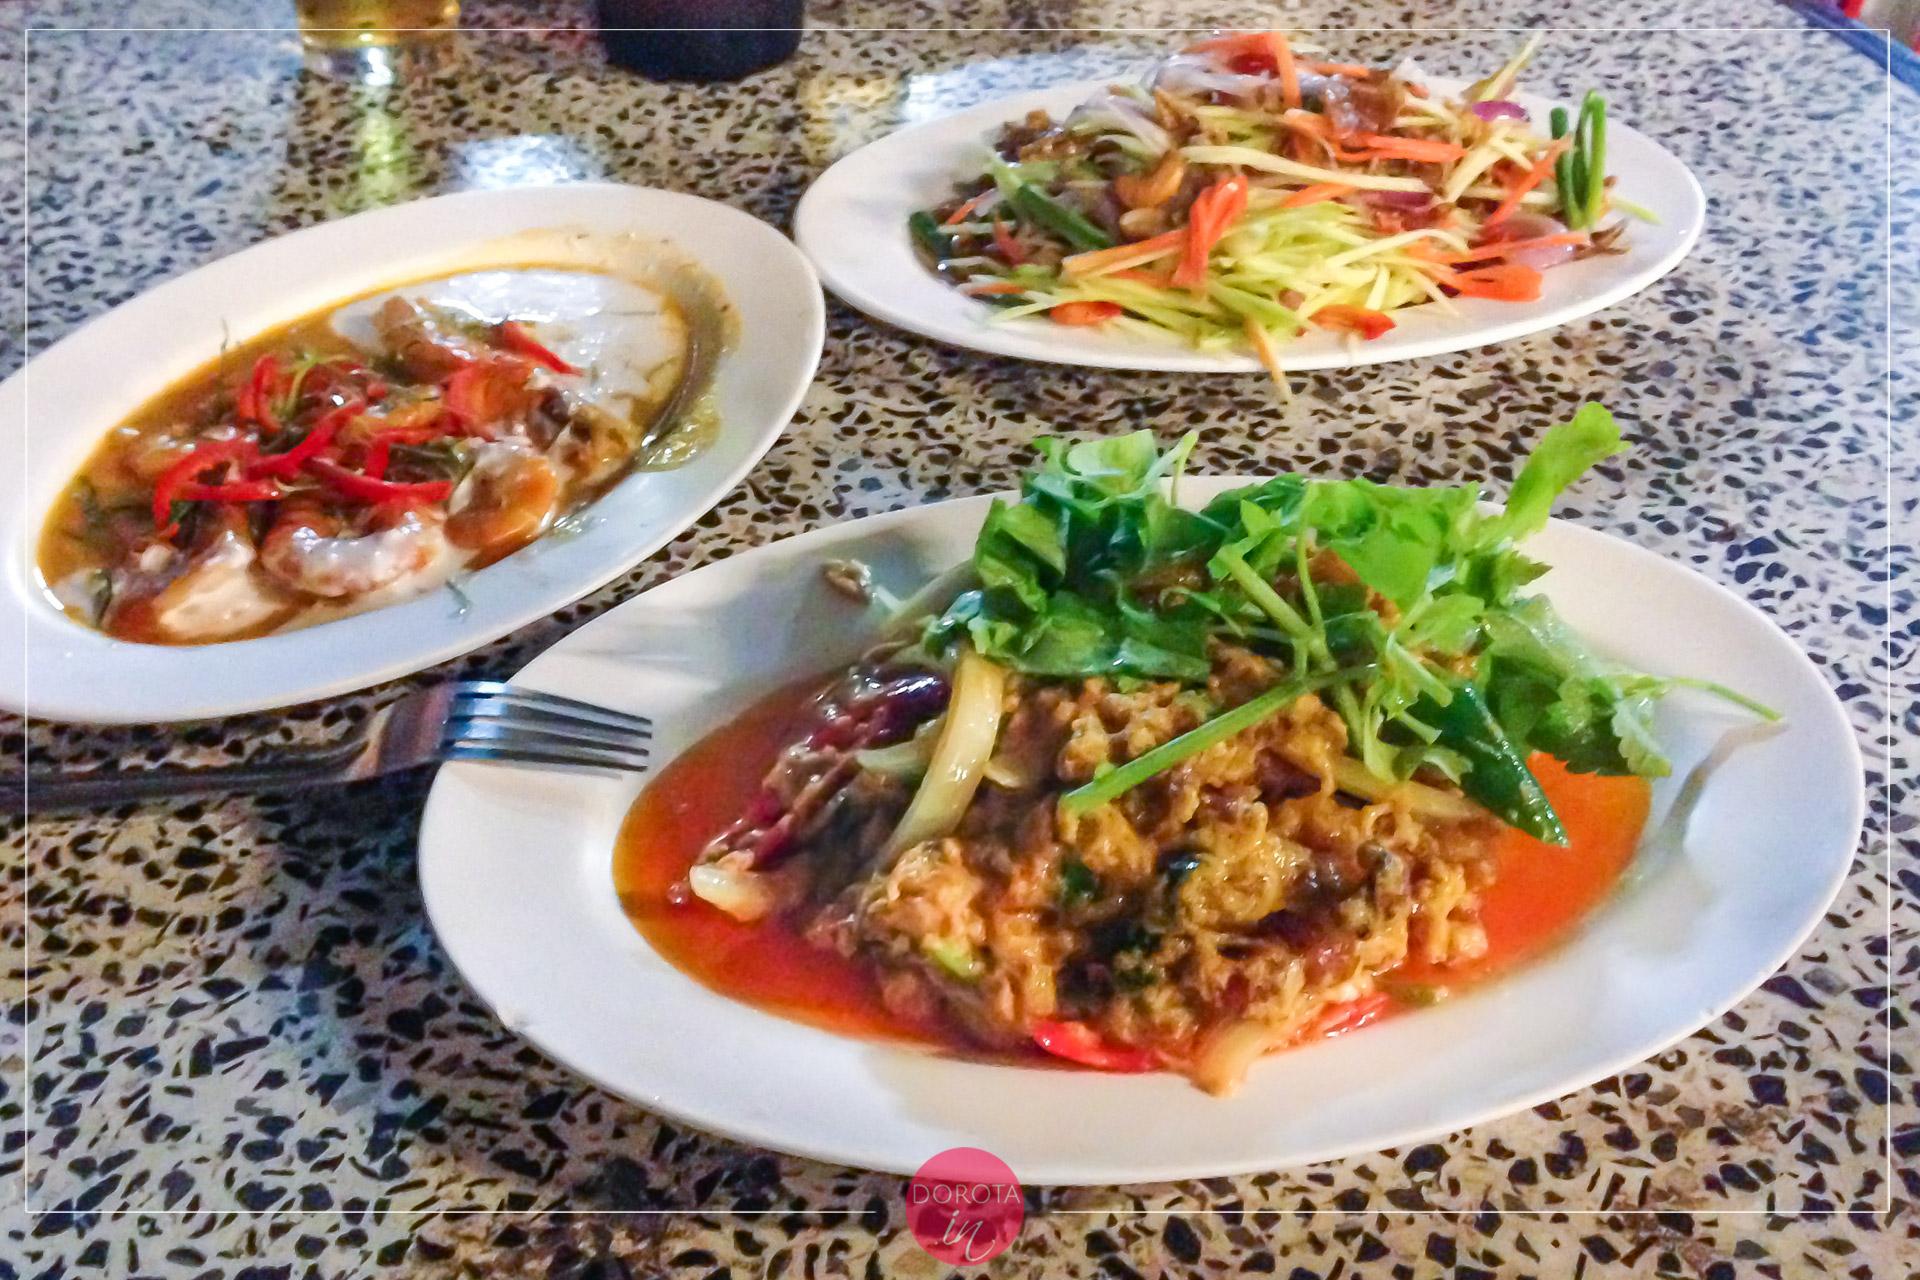 Kuchnia tajska - różnorodność